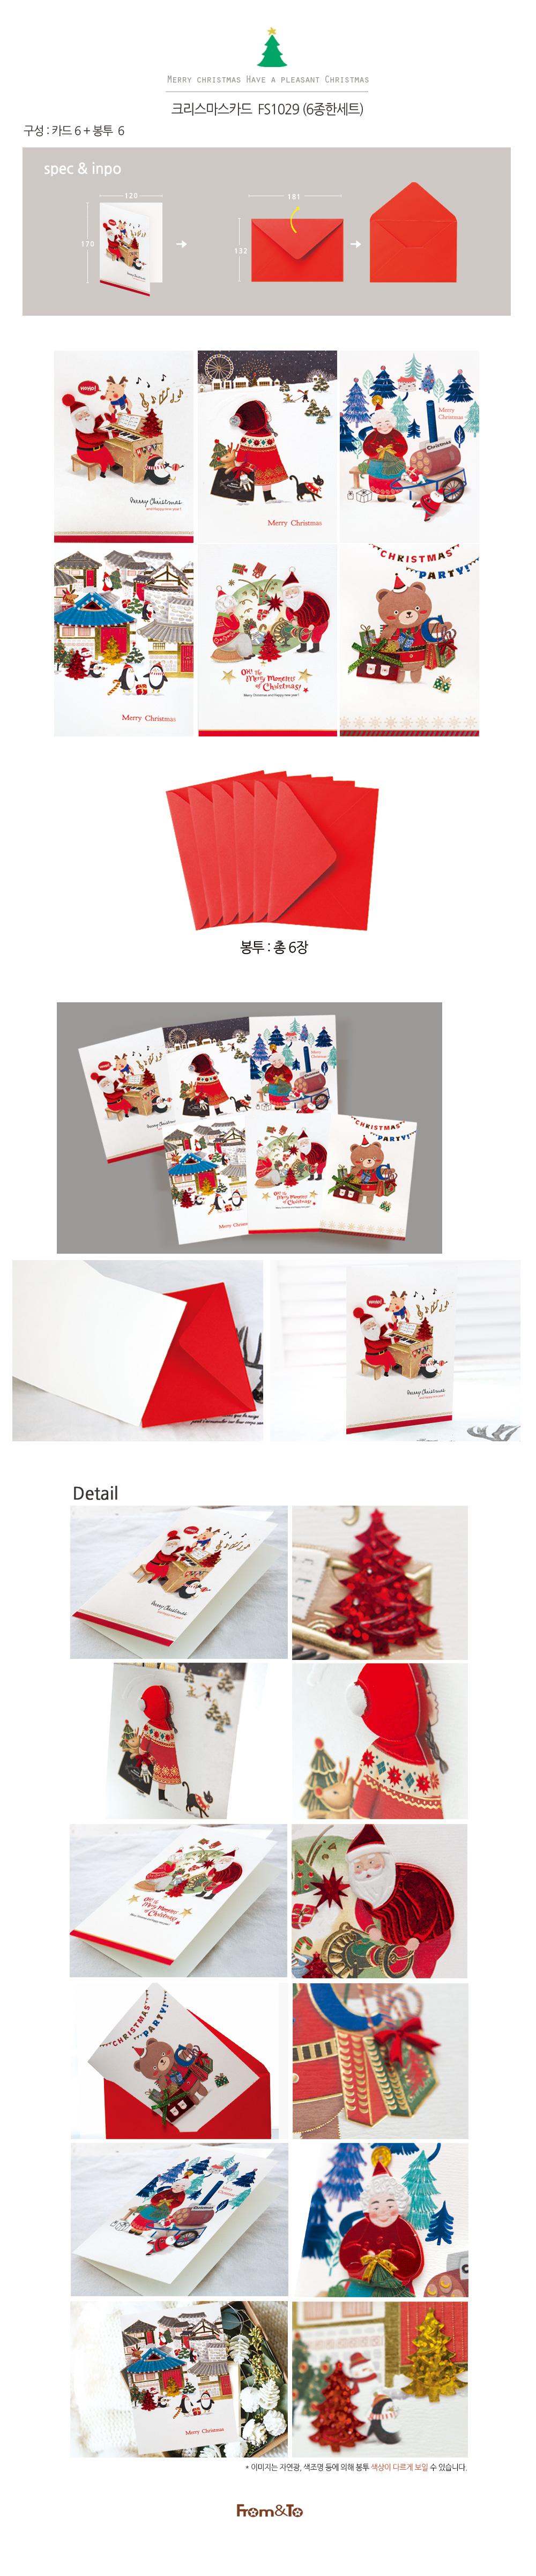 FS1029 set(6종) 크리스마스카드 트리 산타 성탄절 루돌프 - 프롬앤투, 6,000원, 카드, 크리스마스 카드